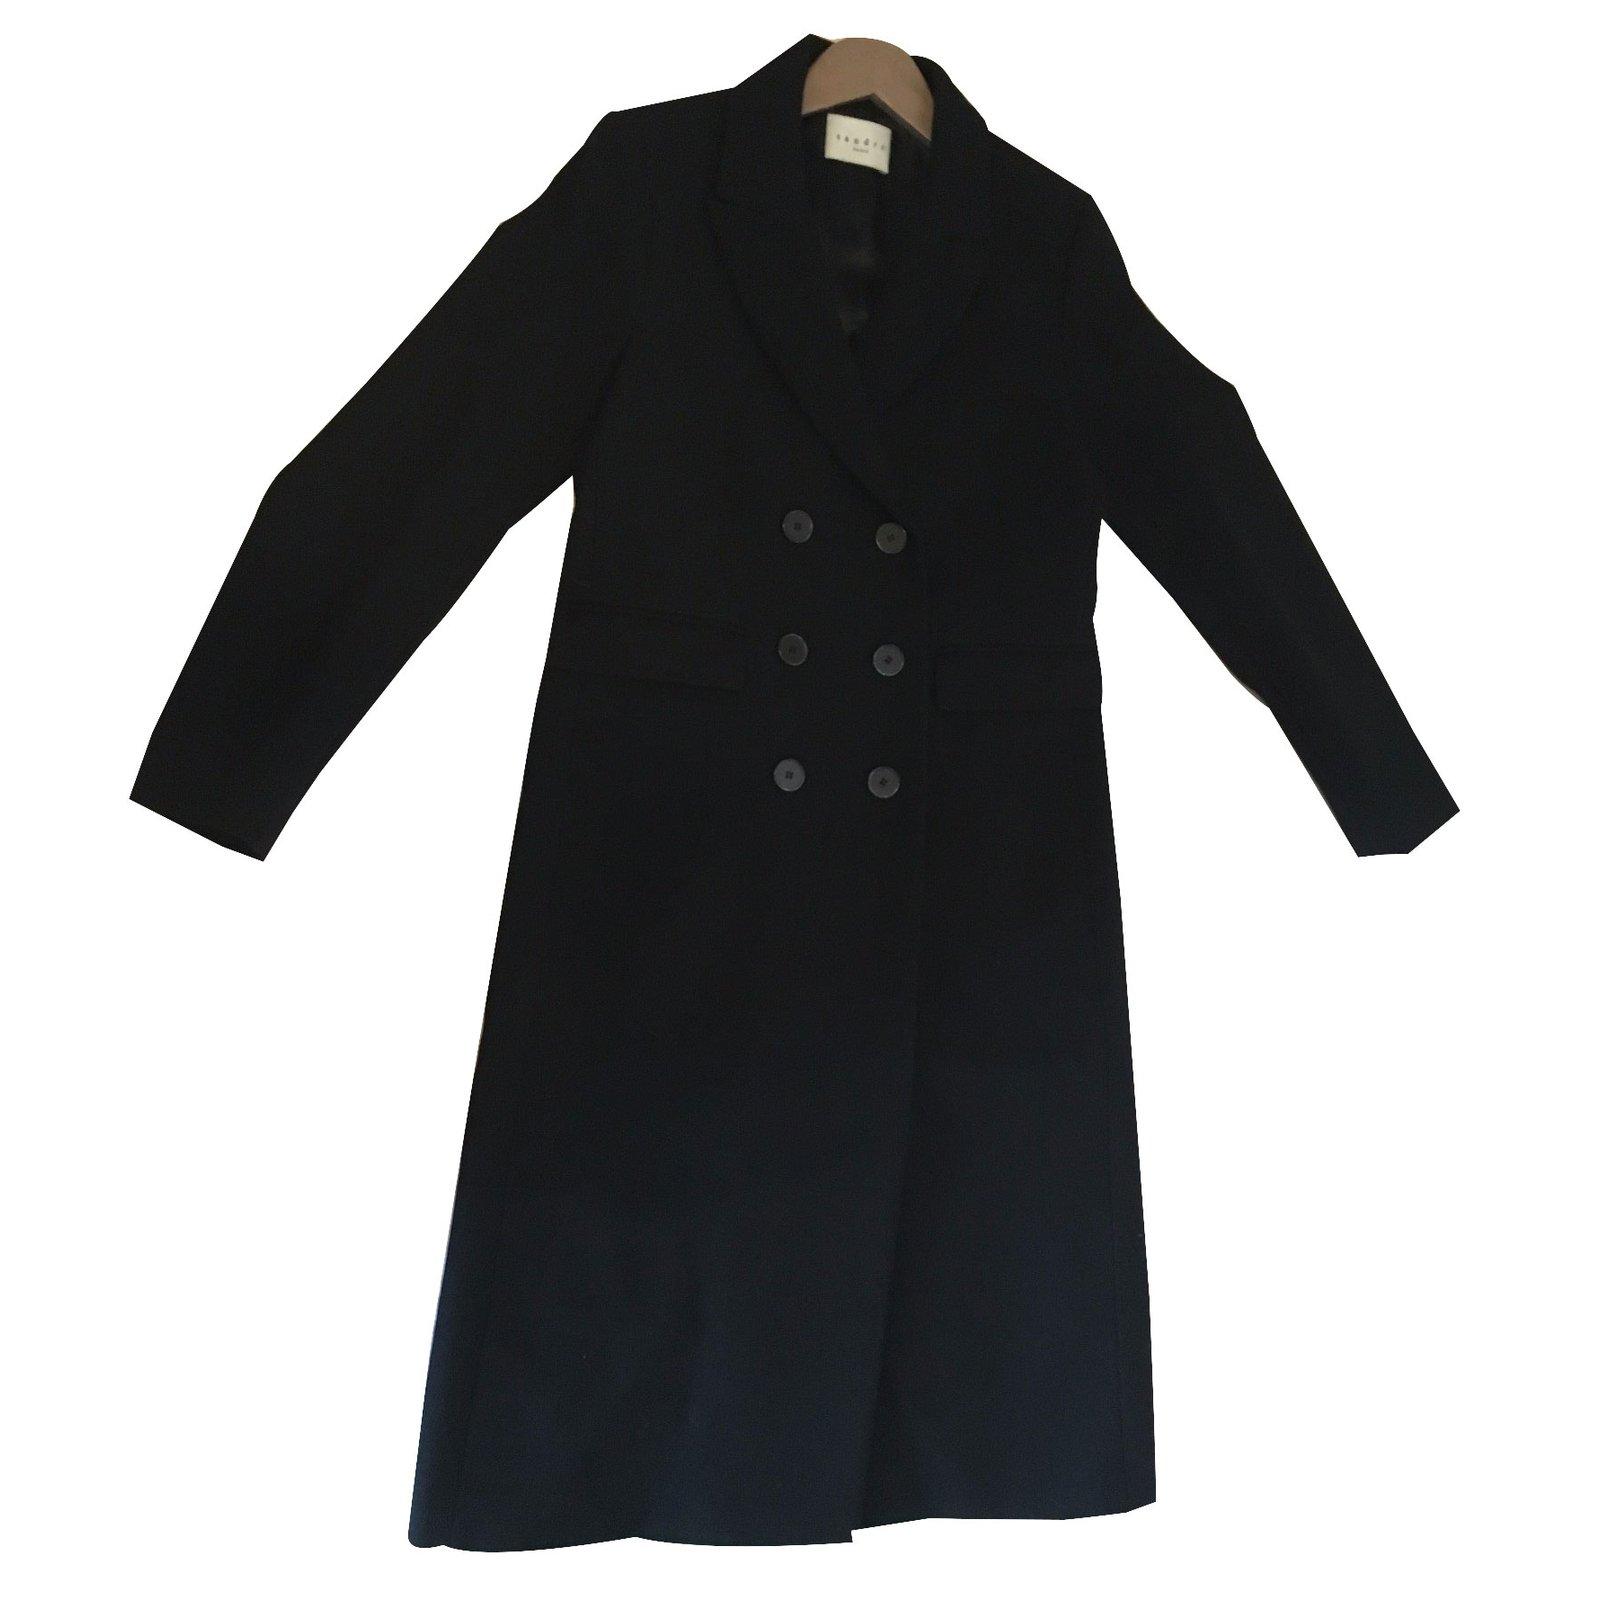 manteaux sandro manteau laine noir joli closet. Black Bedroom Furniture Sets. Home Design Ideas